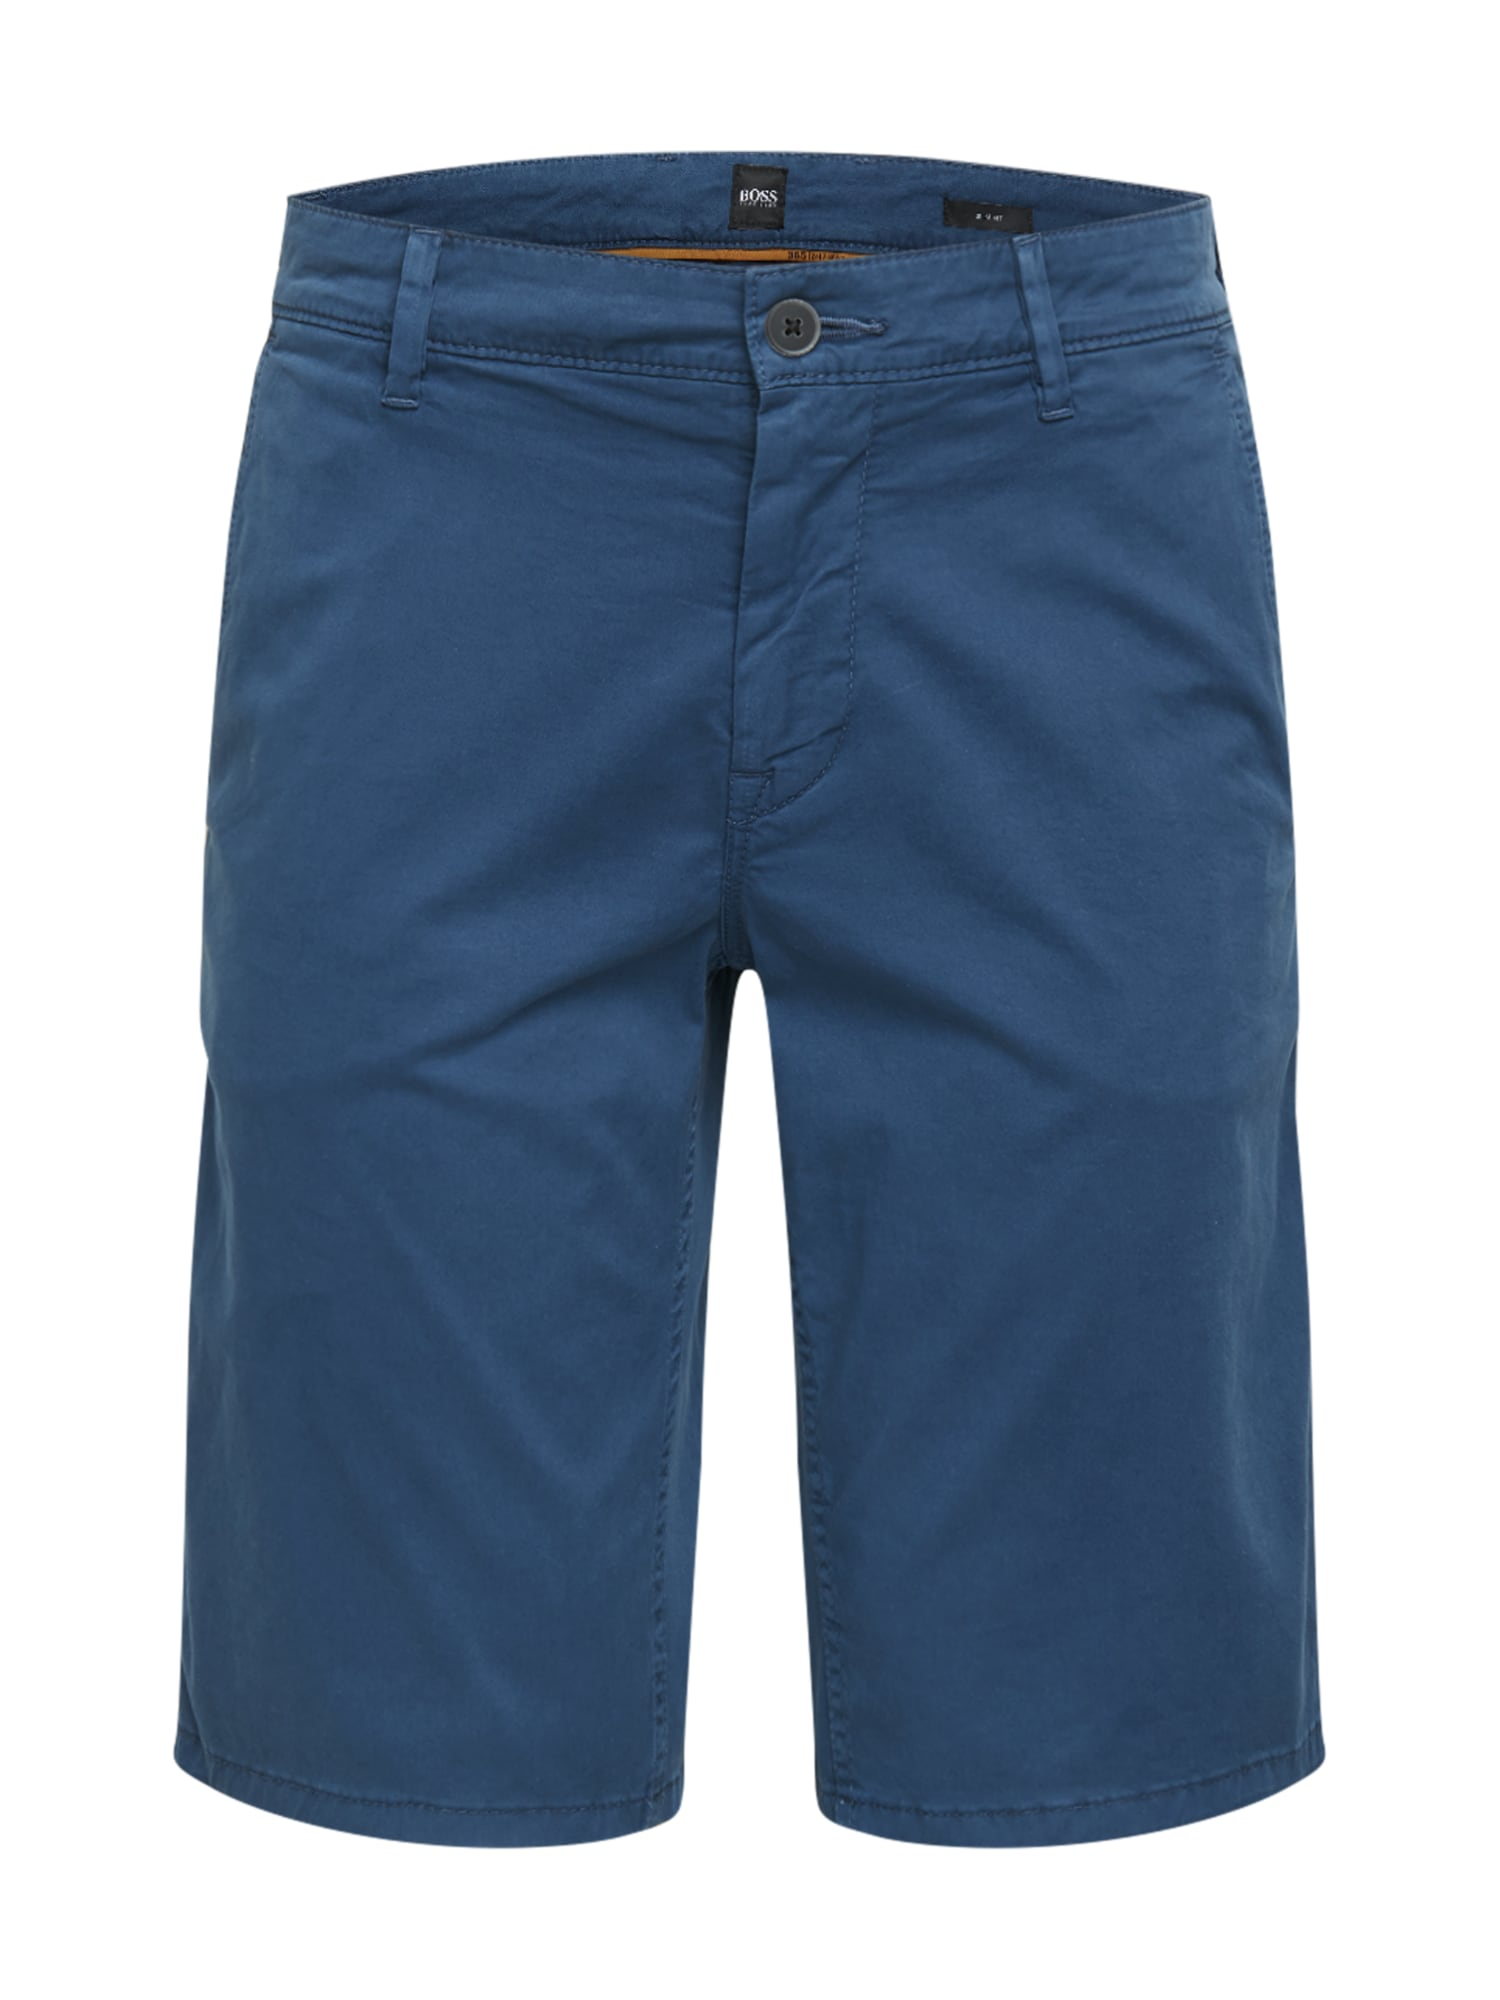 BOSS Chino stiliaus kelnės 'Schino' tamsiai mėlyna